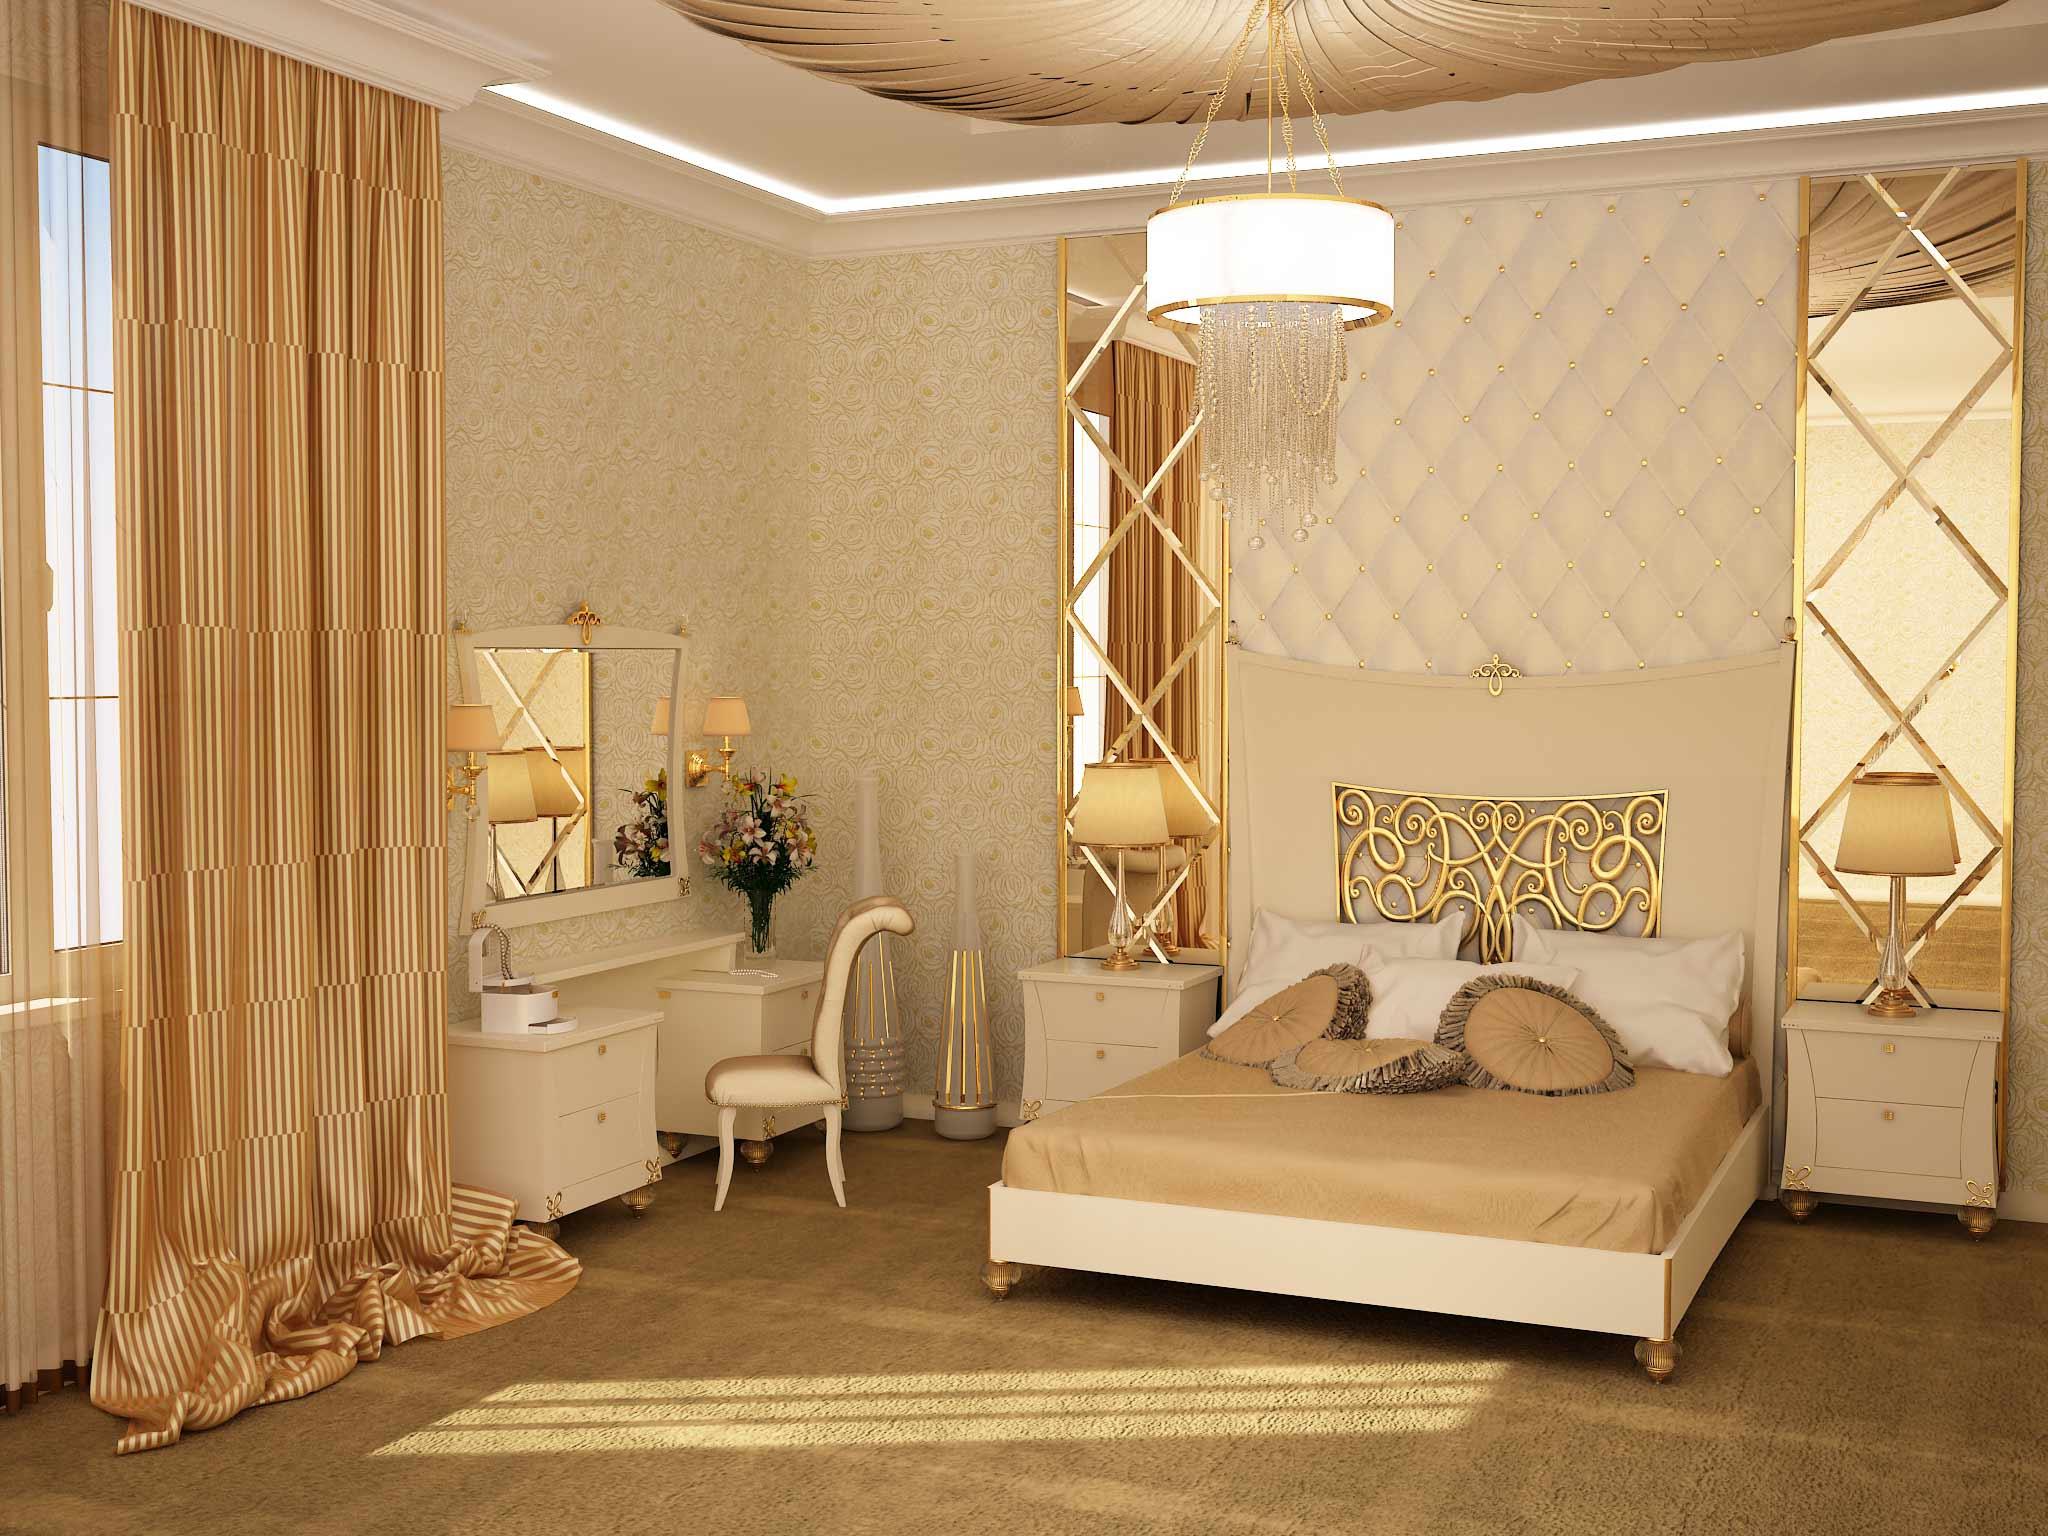 На фото –интерьер спальни в стиле арт-деко